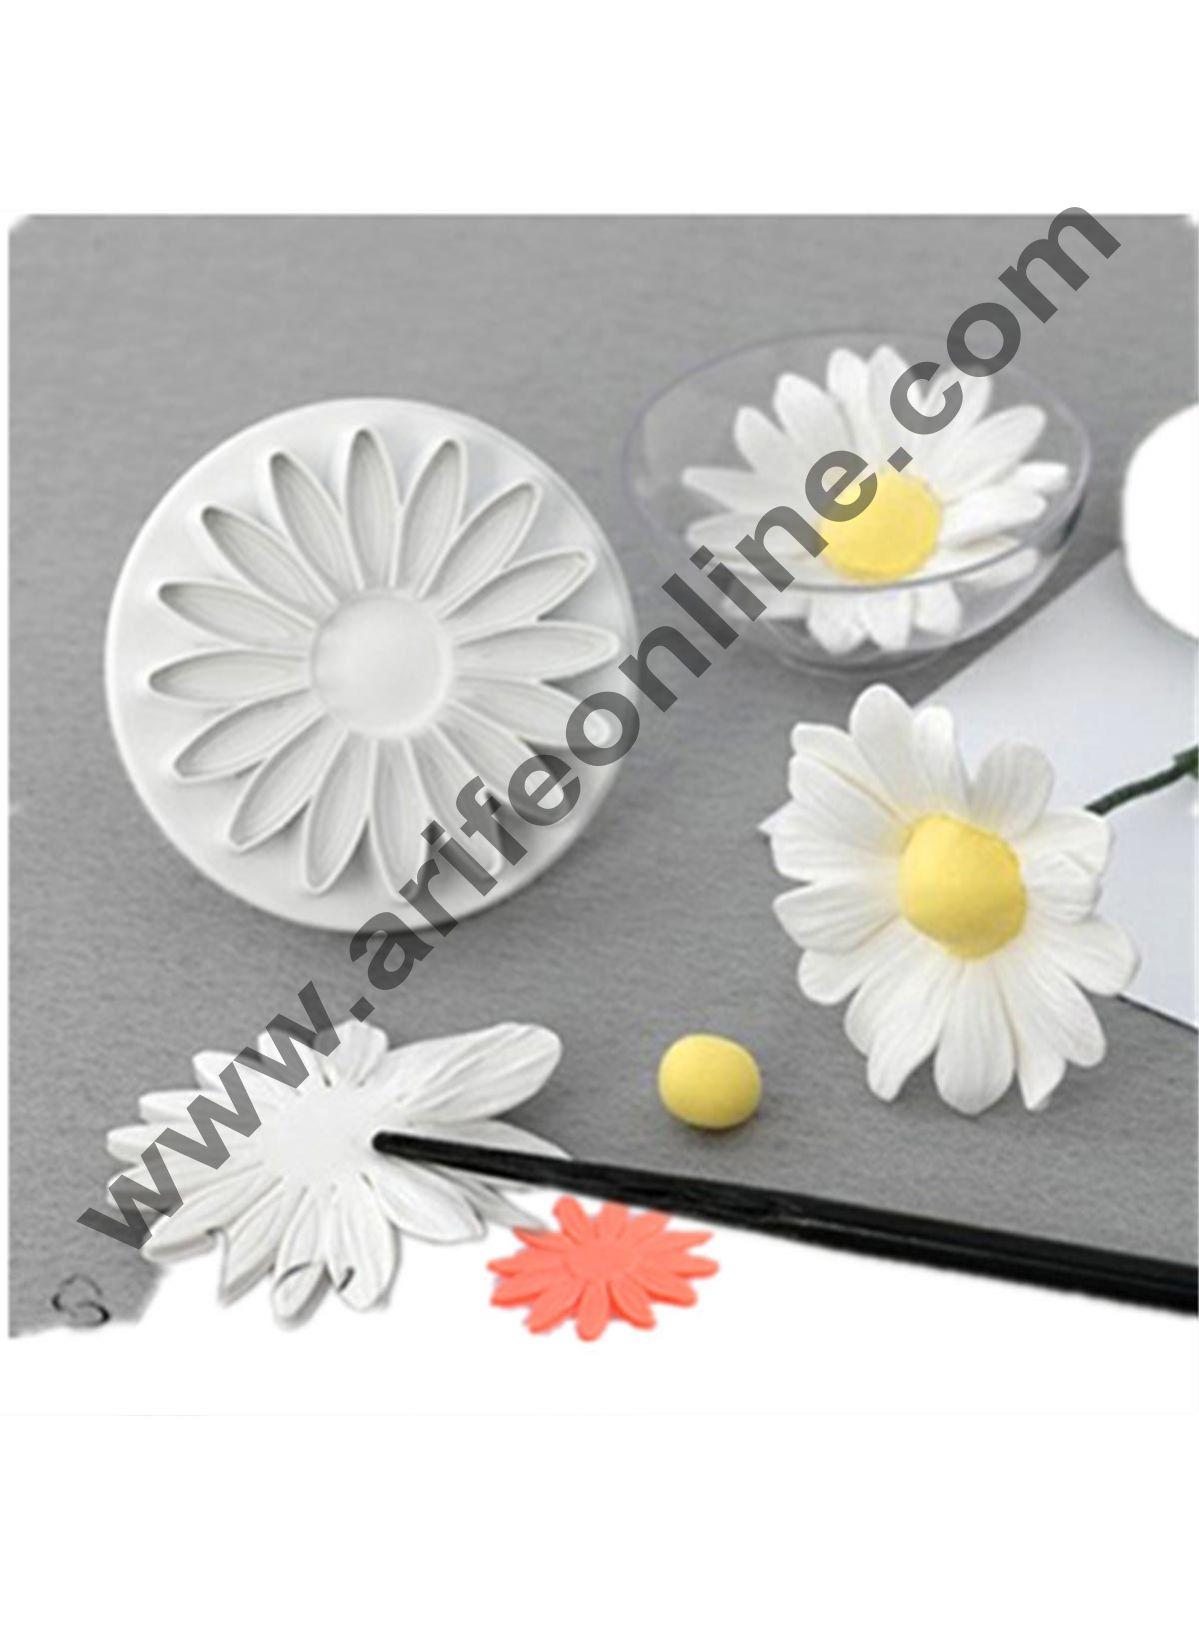 Cake Decor 3pcs Veined Sunflower Shape Daisy Plunger Cutter Tool